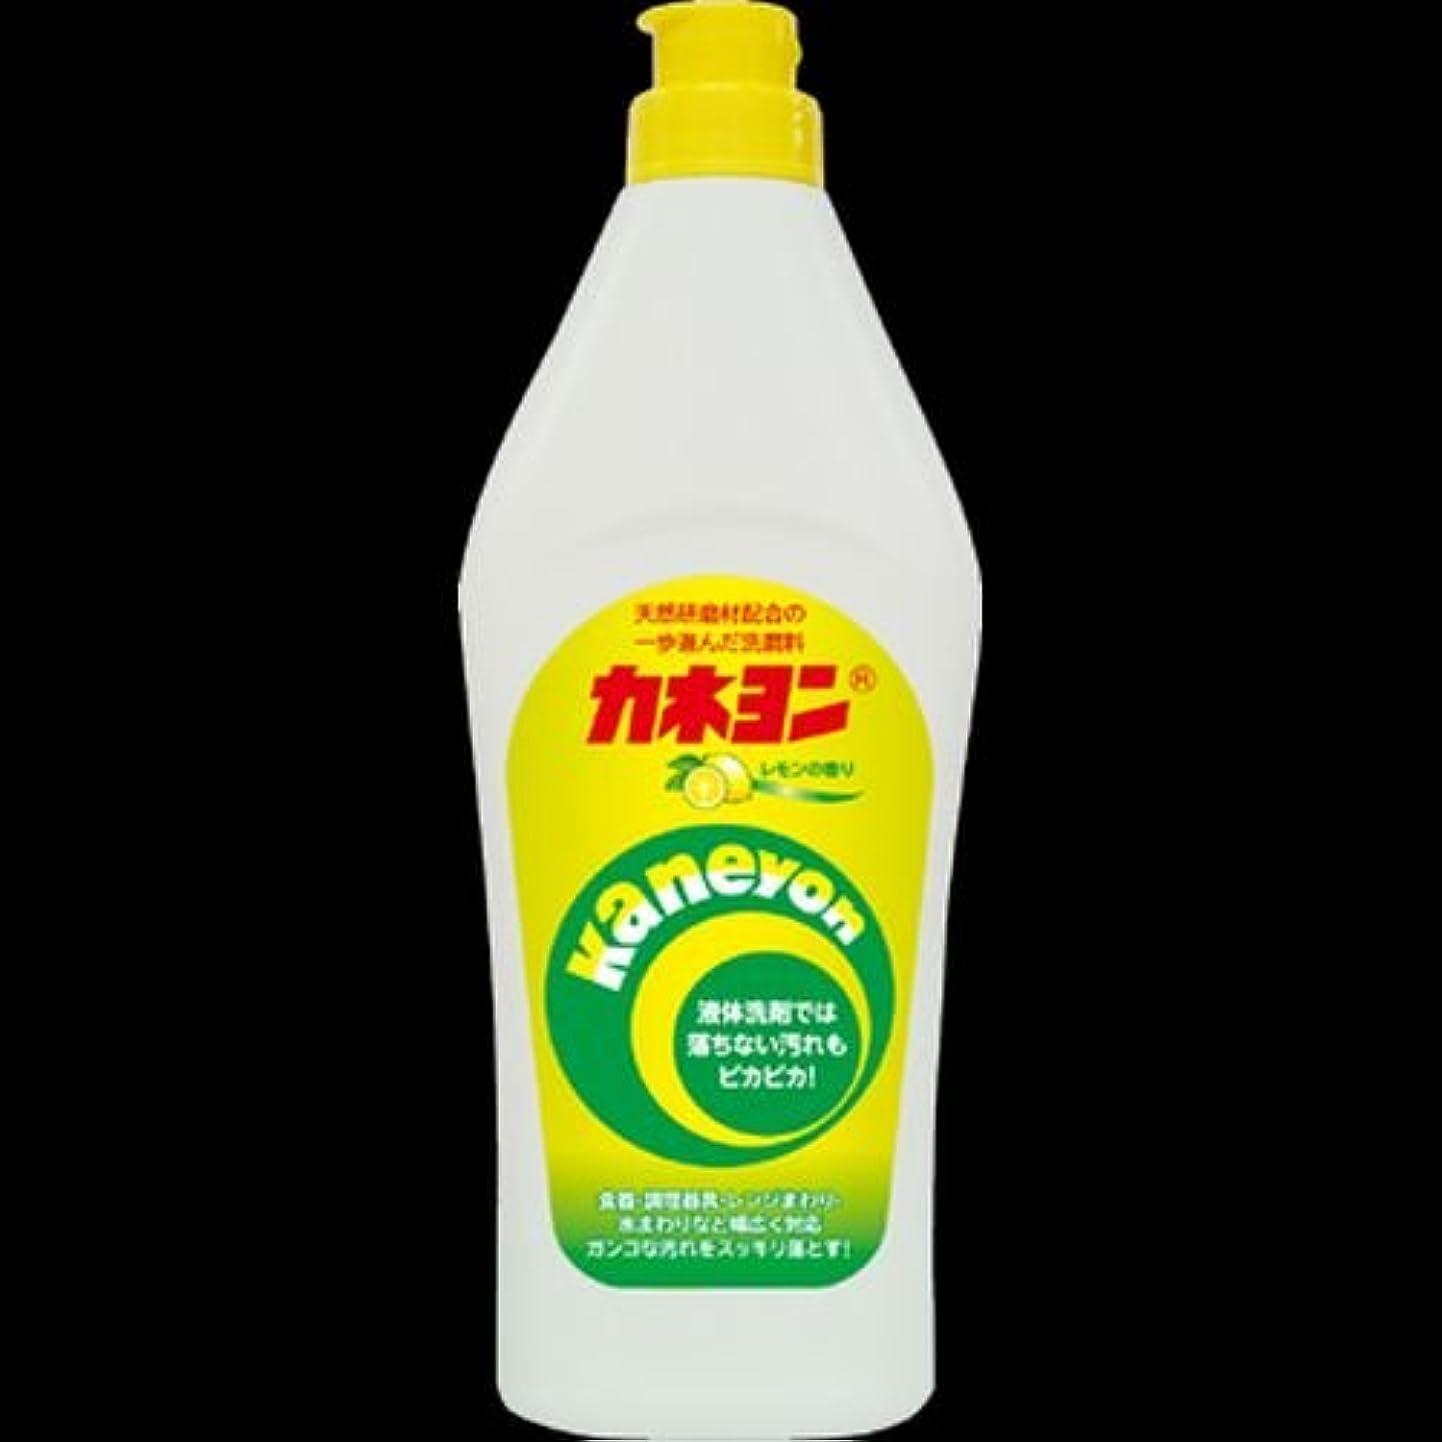 起こる不合格禁止【まとめ買い】カネヨ石鹸 カネヨンレモン 550g ×2セット